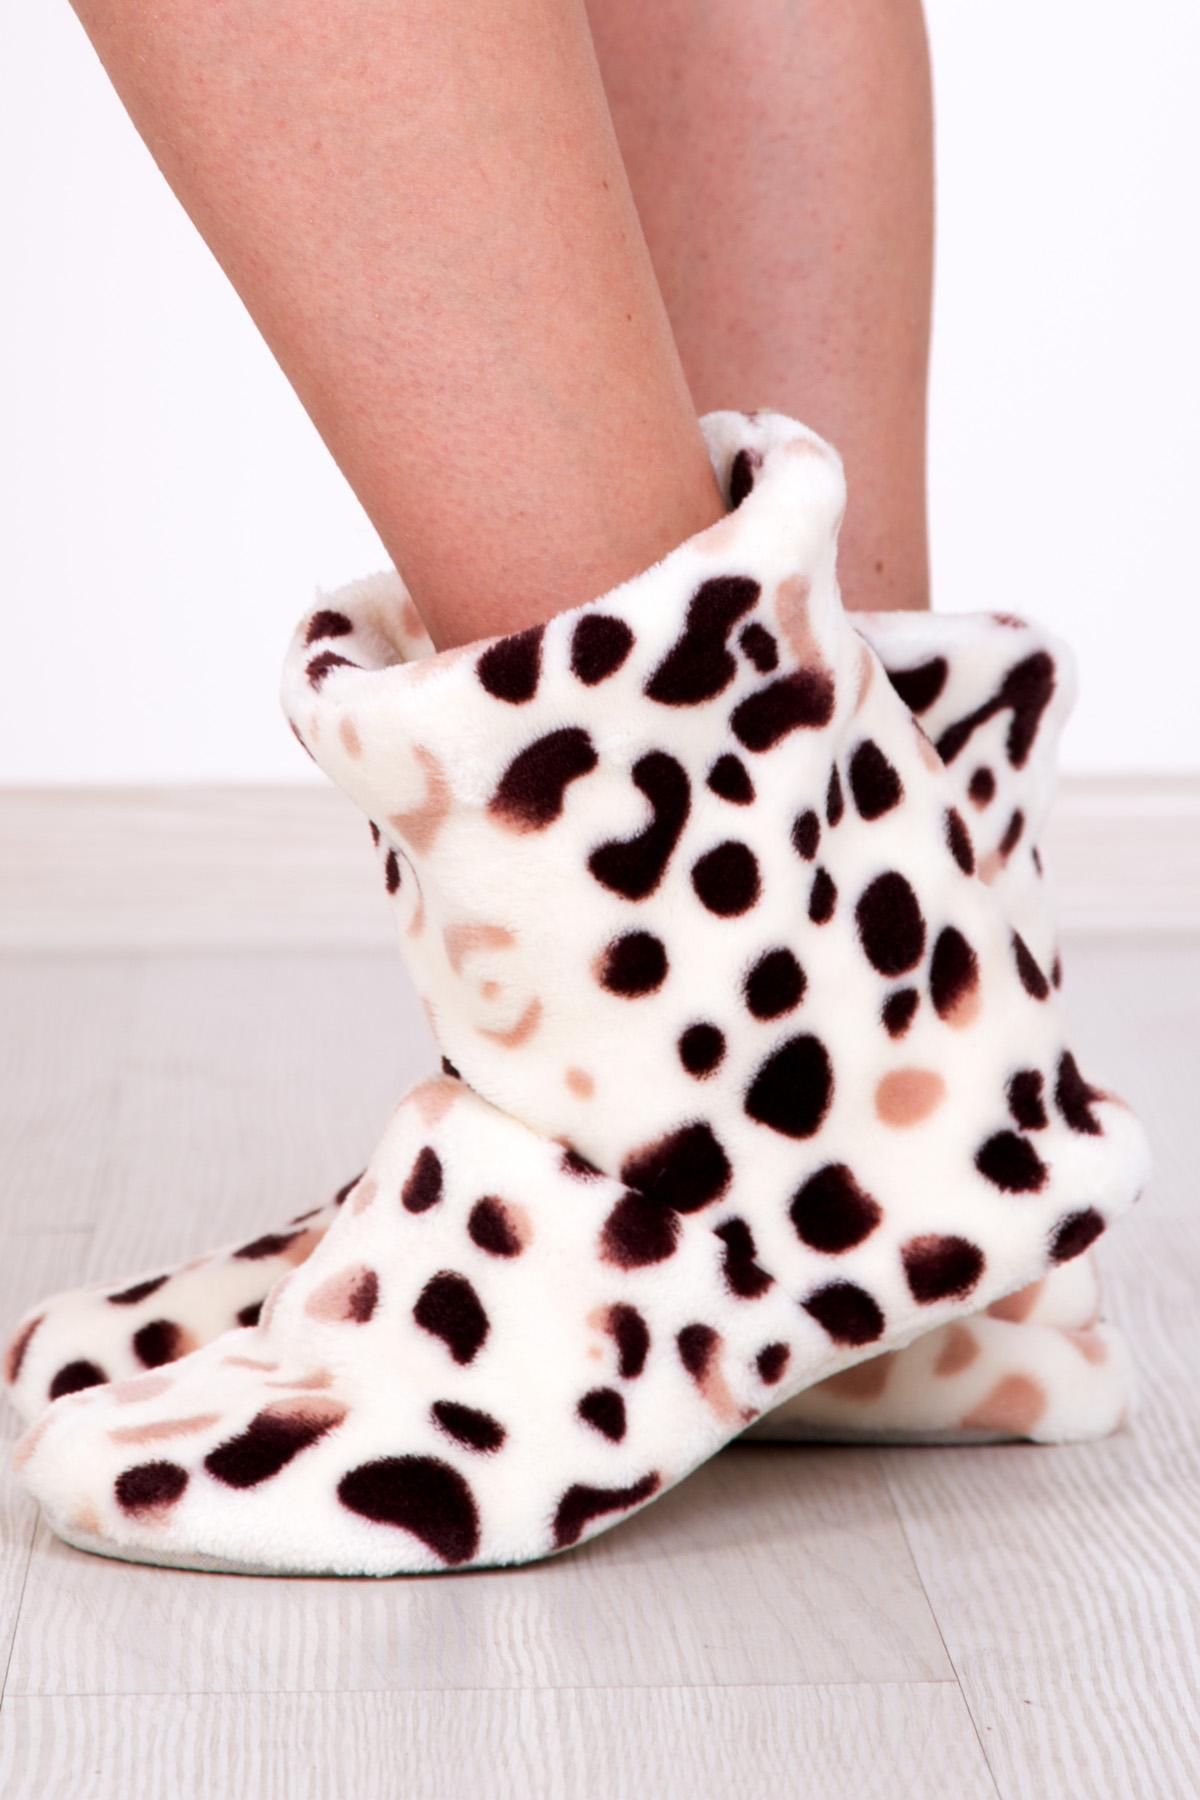 Обувь  Ферин  р. 32-34 - Женская одежда артикул: 20217